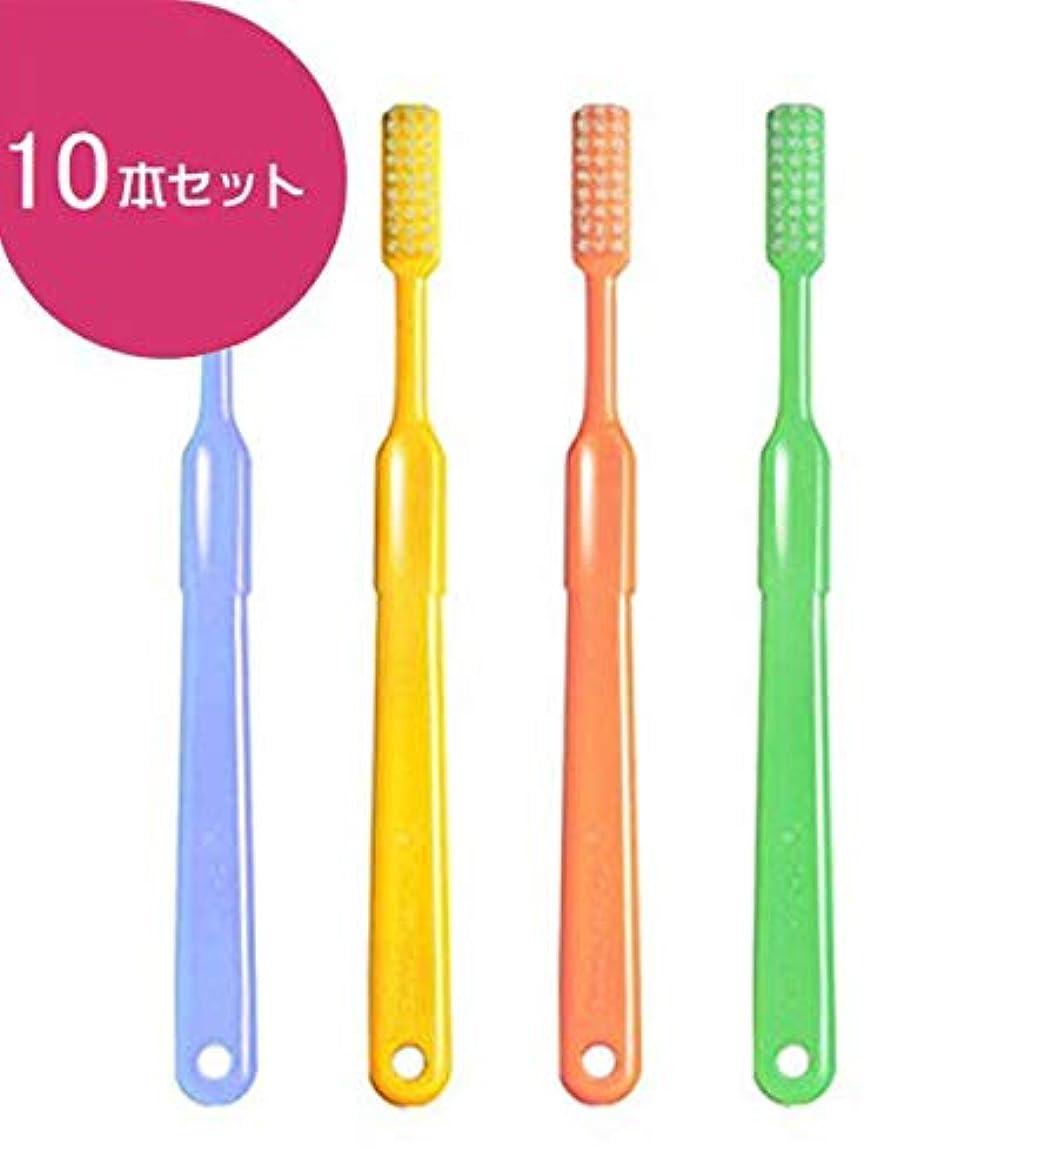 ベールクラウン透明にビーブランド ドクター ビーヤング 歯ブラシ 10本 (ヤングハード)